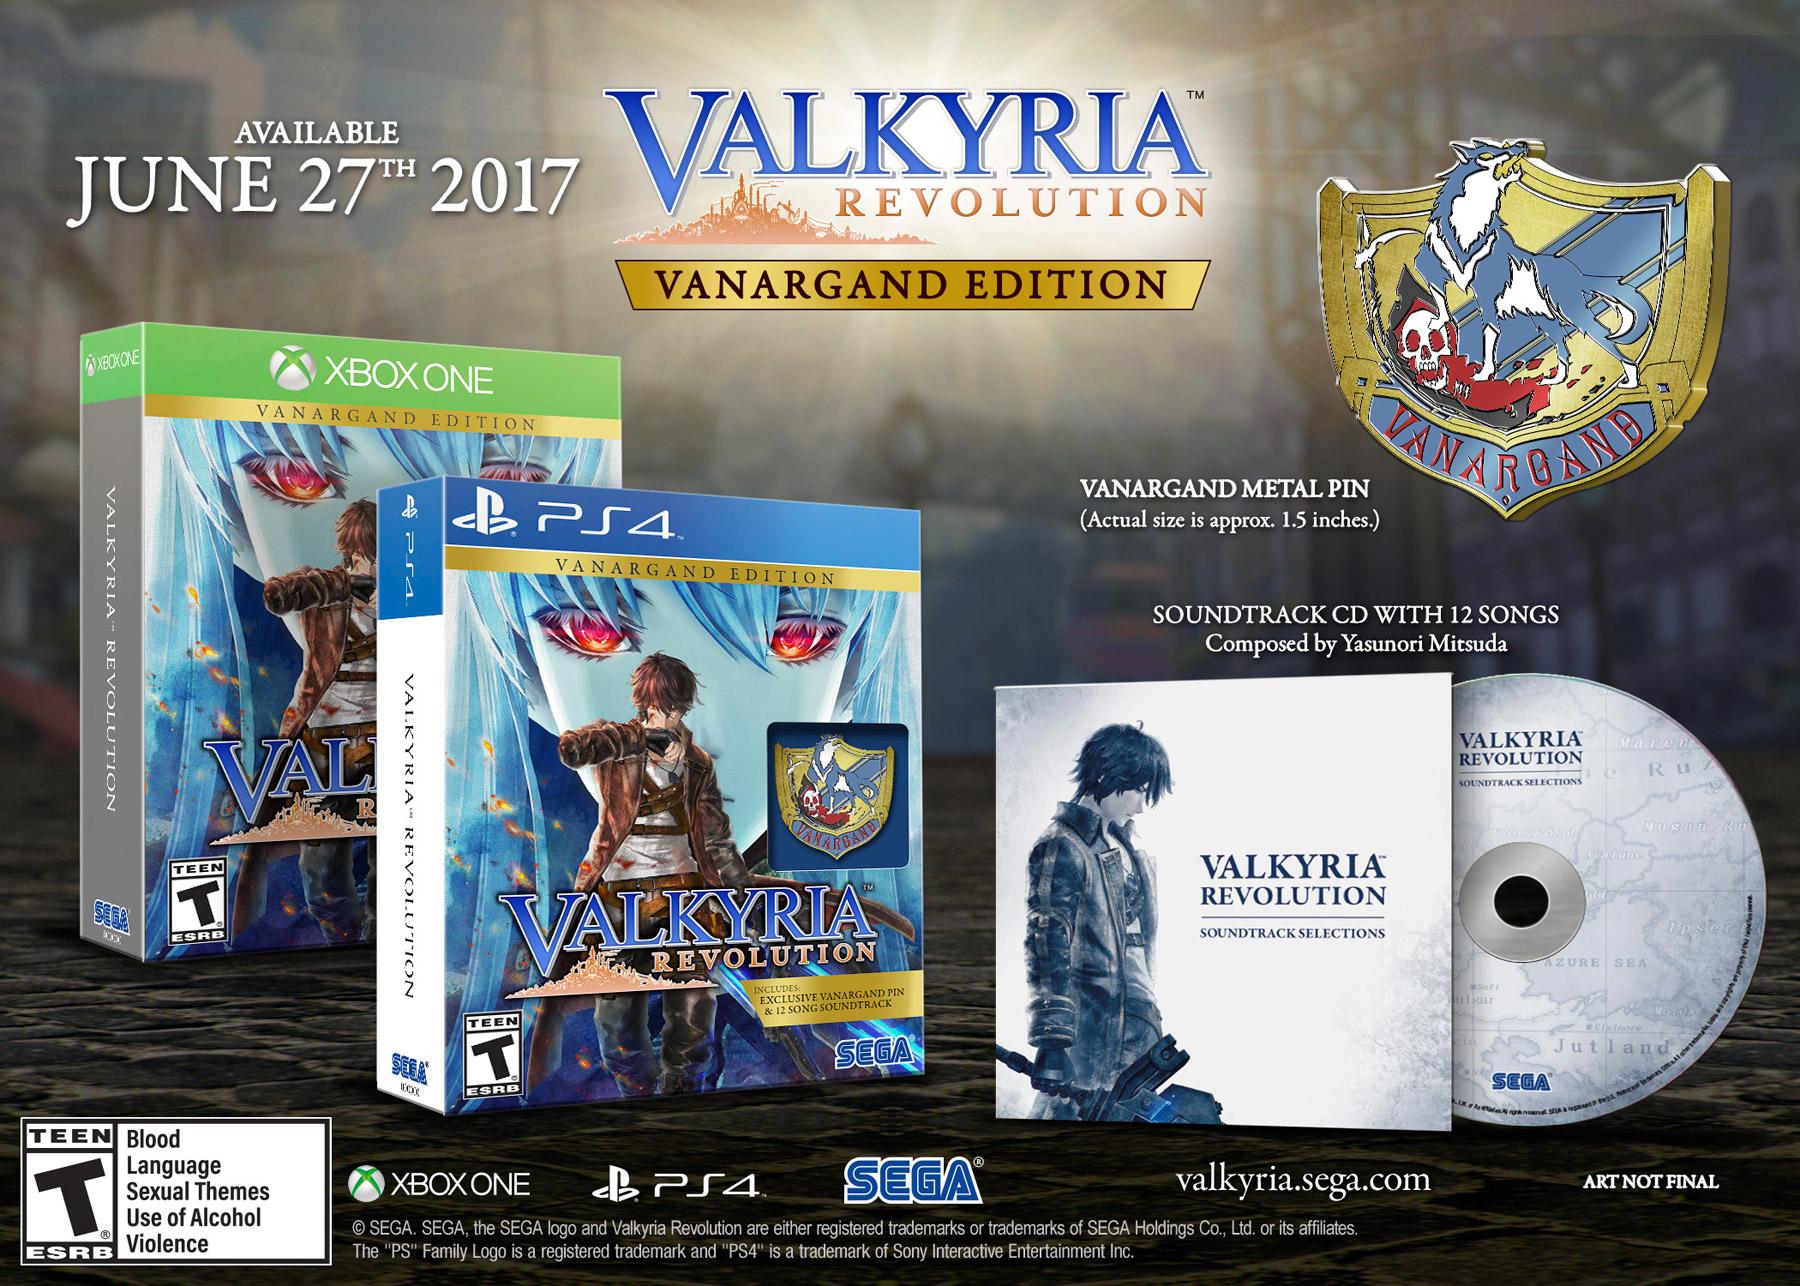 Valkyria Revolution Vanargand Edition